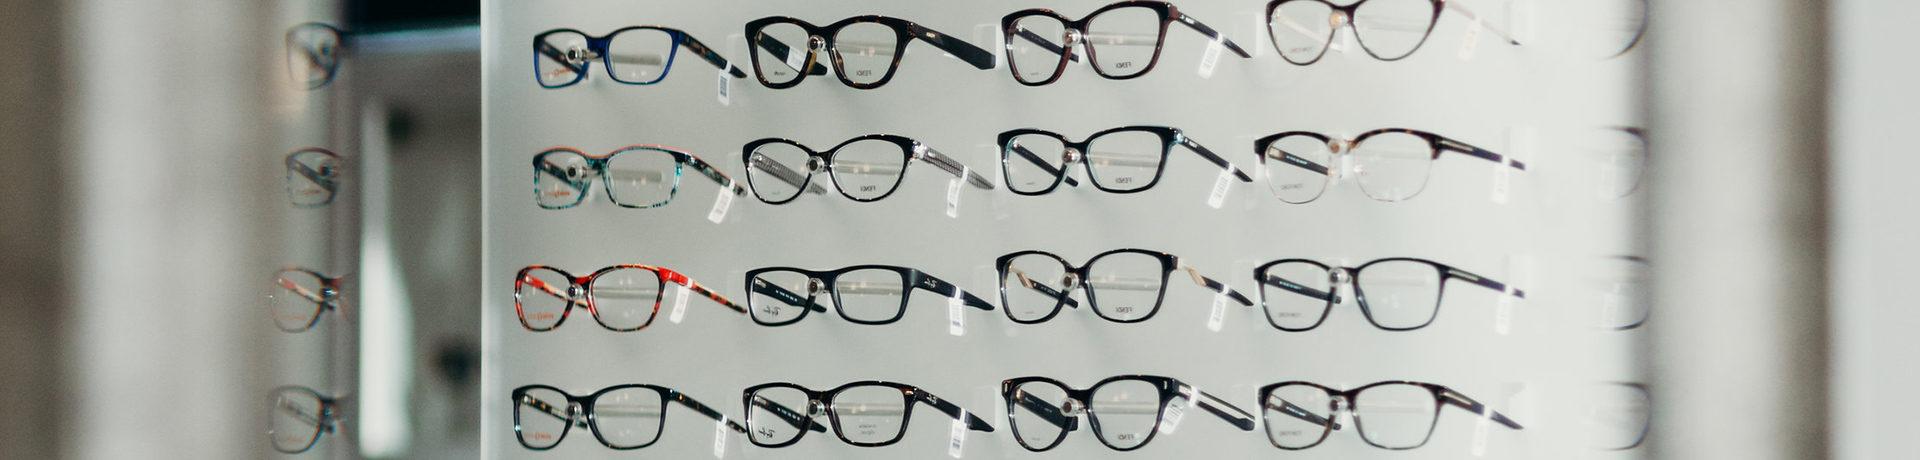 cfbabbd90e Spectacle Frames